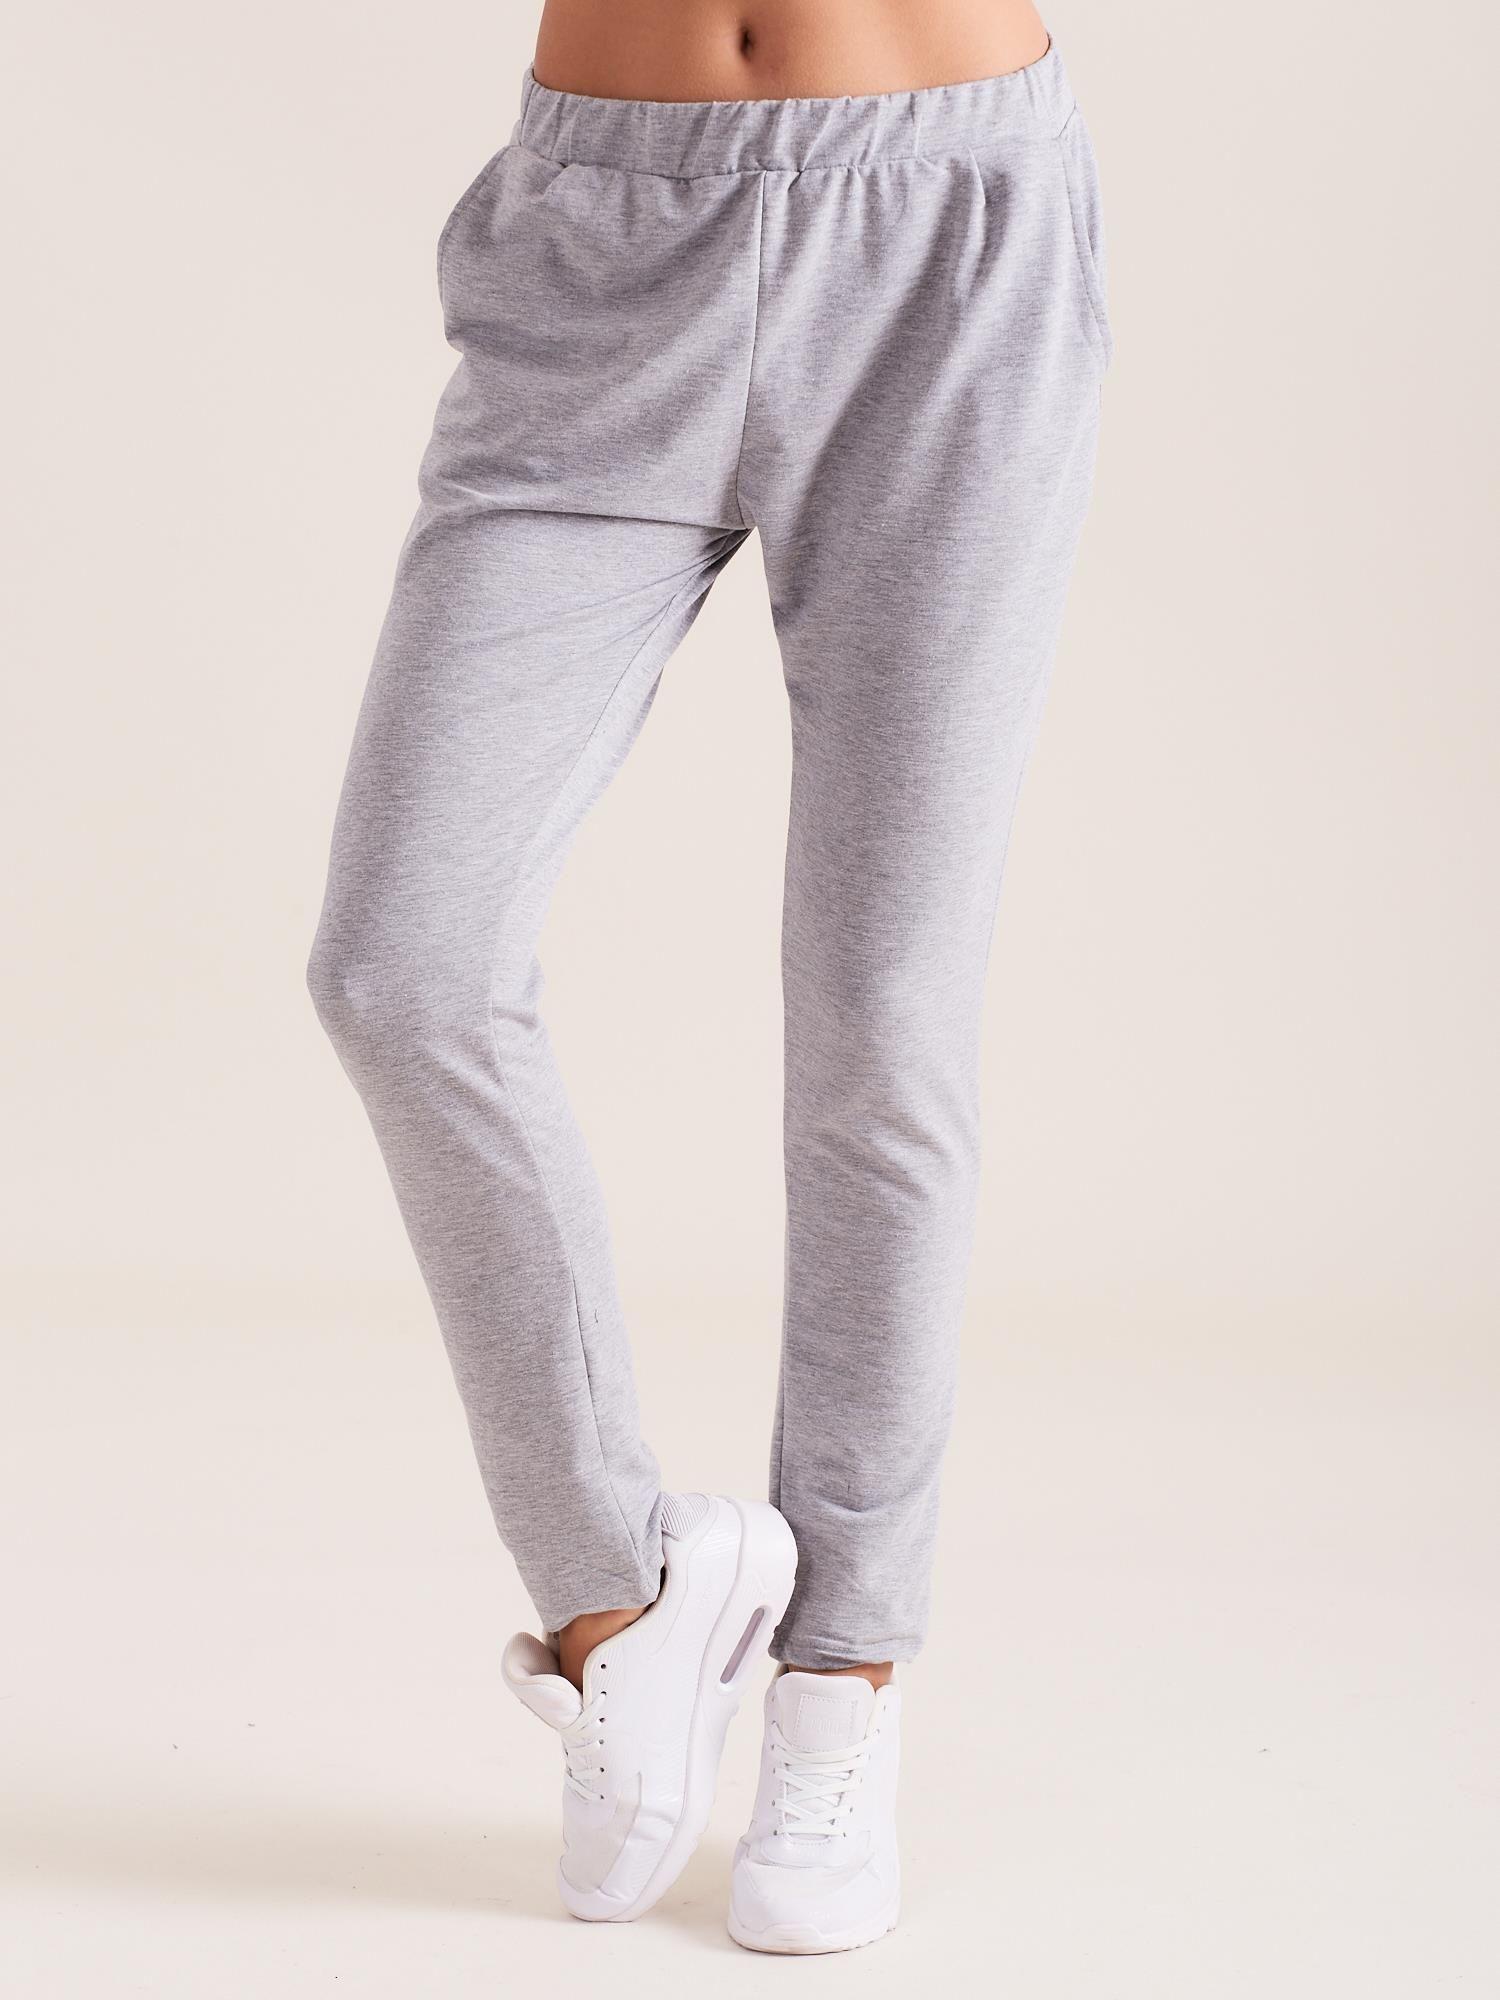 00b5d375 Szare damskie bawełniane spodnie dresowe